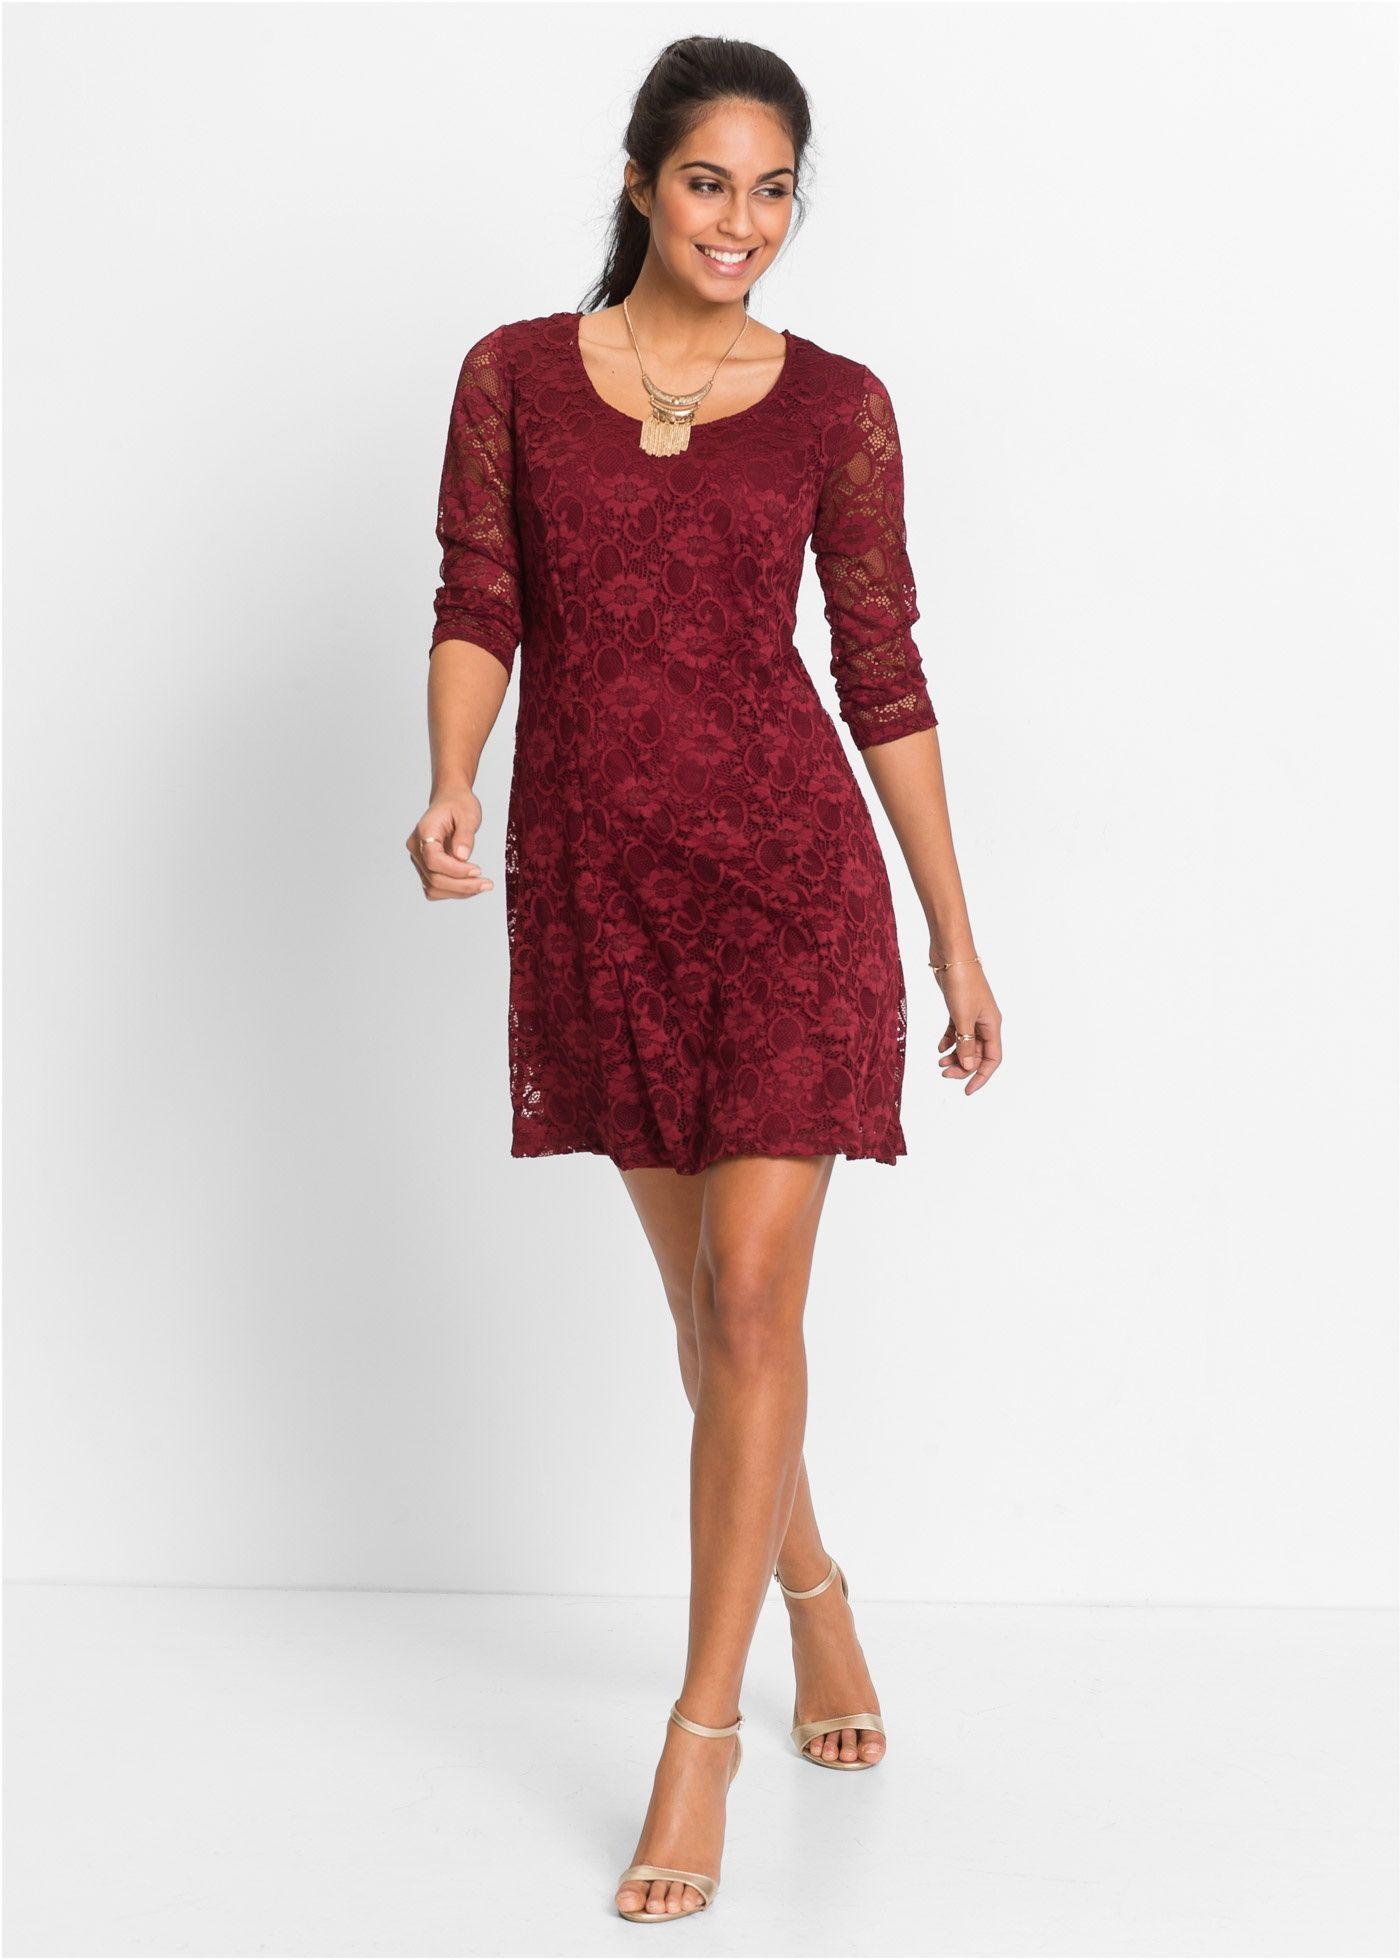 Kleid mit spitze bordeaux bodyflirt jetzt im online shop von ab 36 99 bestellen - Festliche kleider bonprix ...